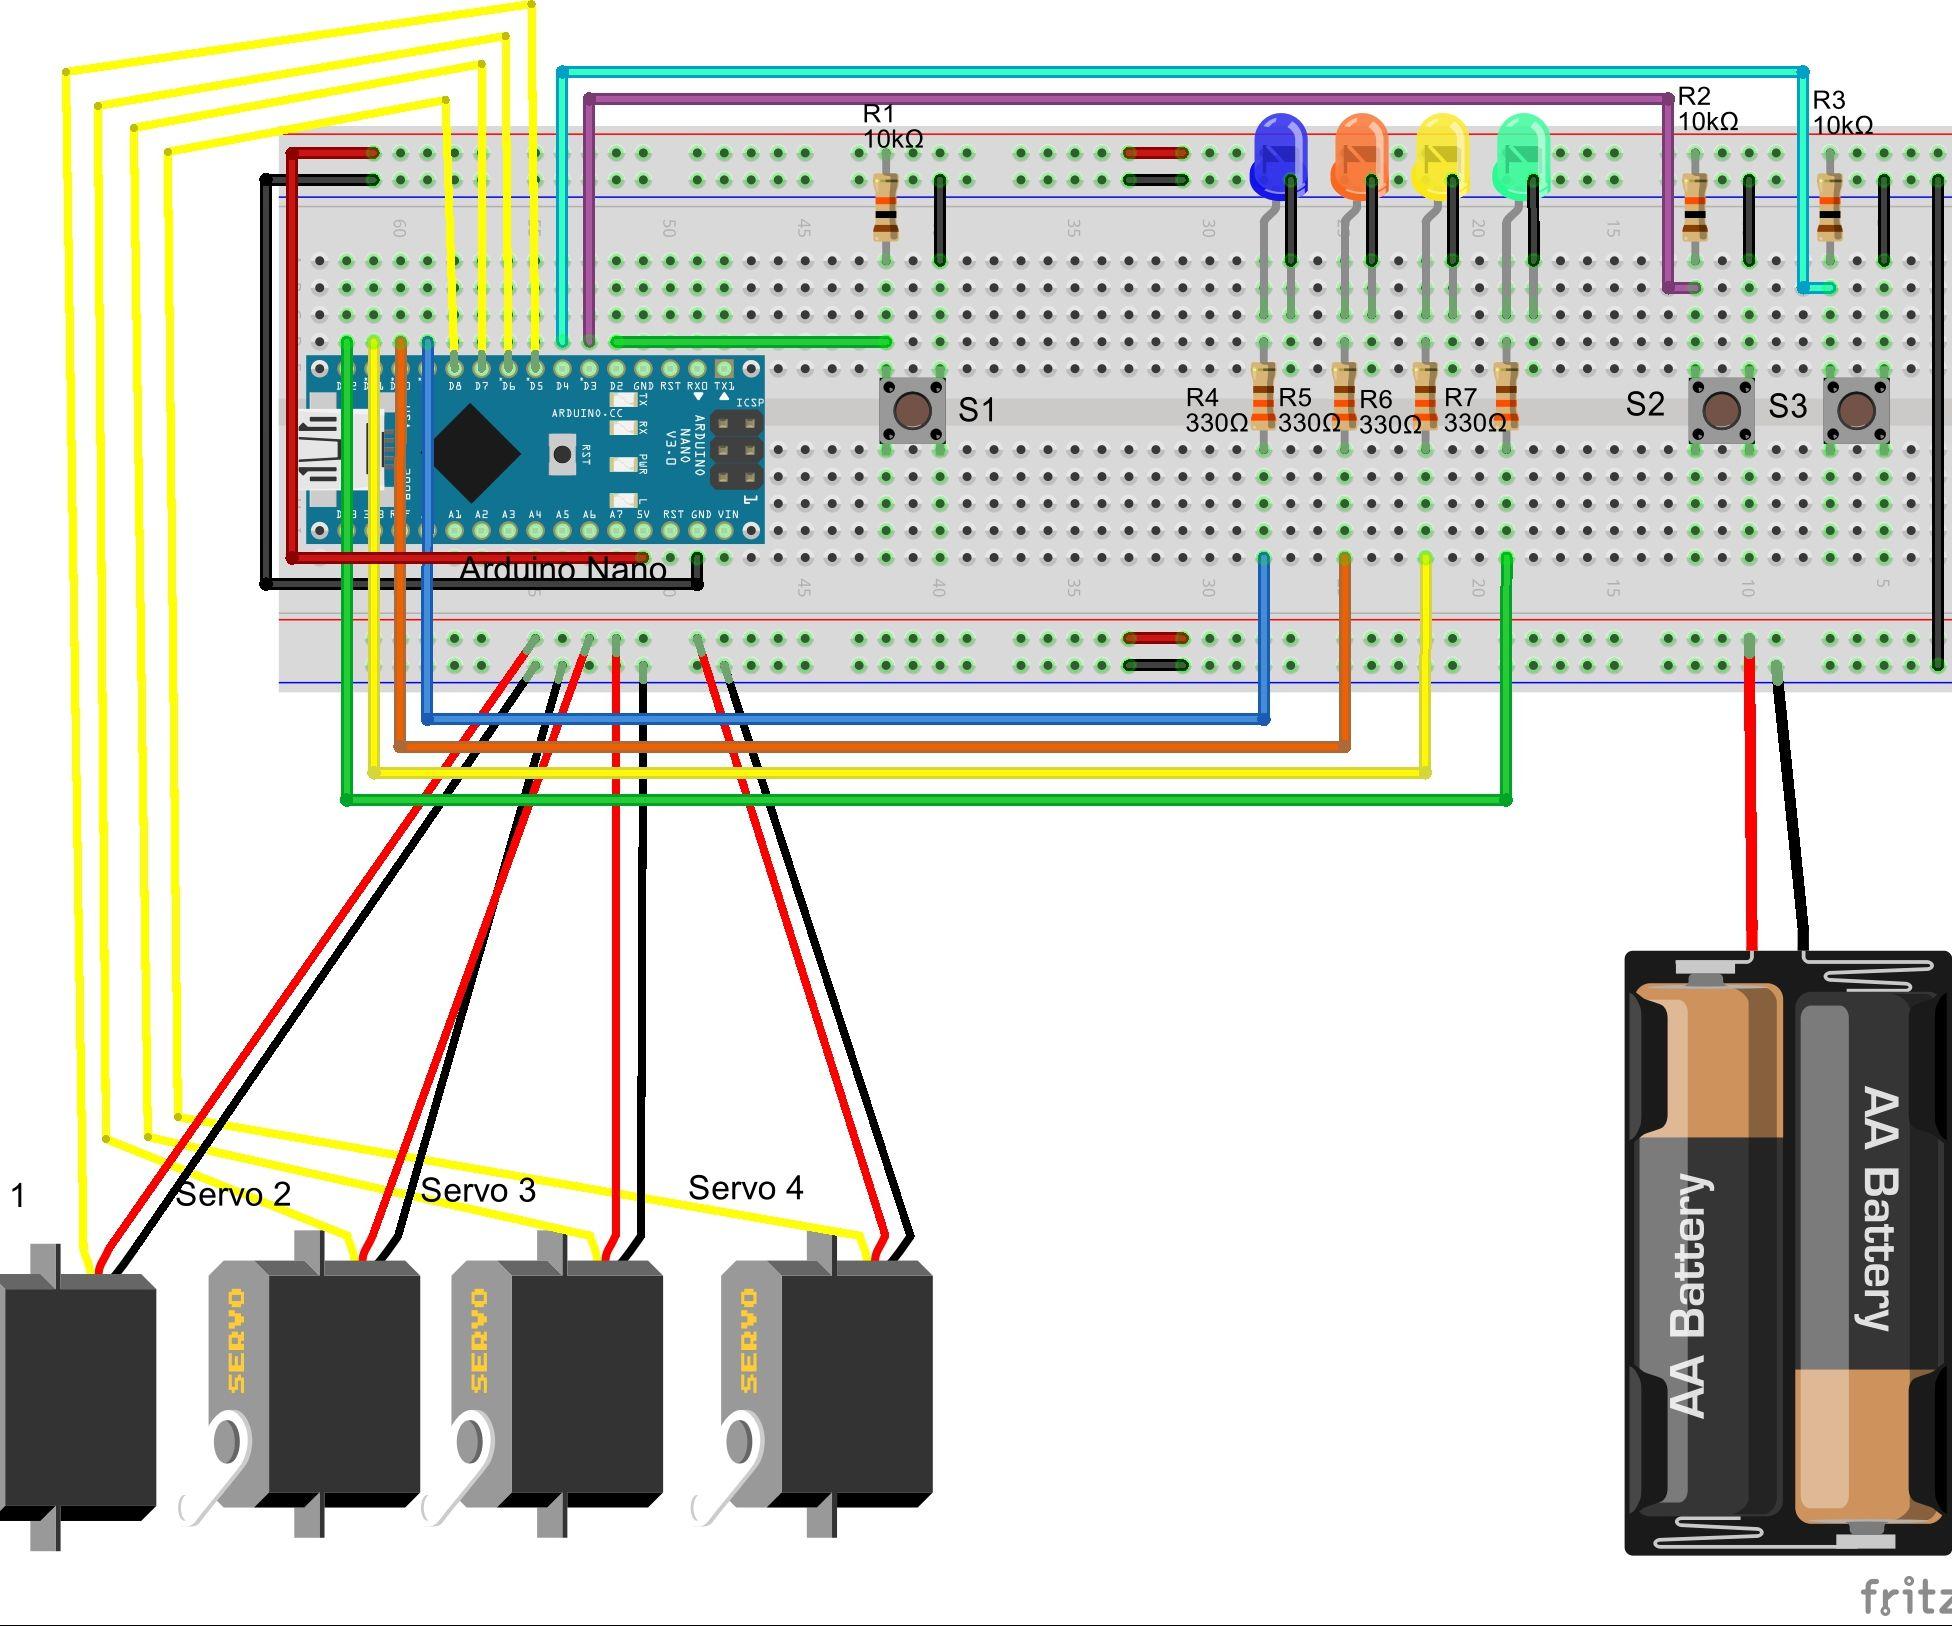 Simple 3 button controller for a 4 axis robot arm